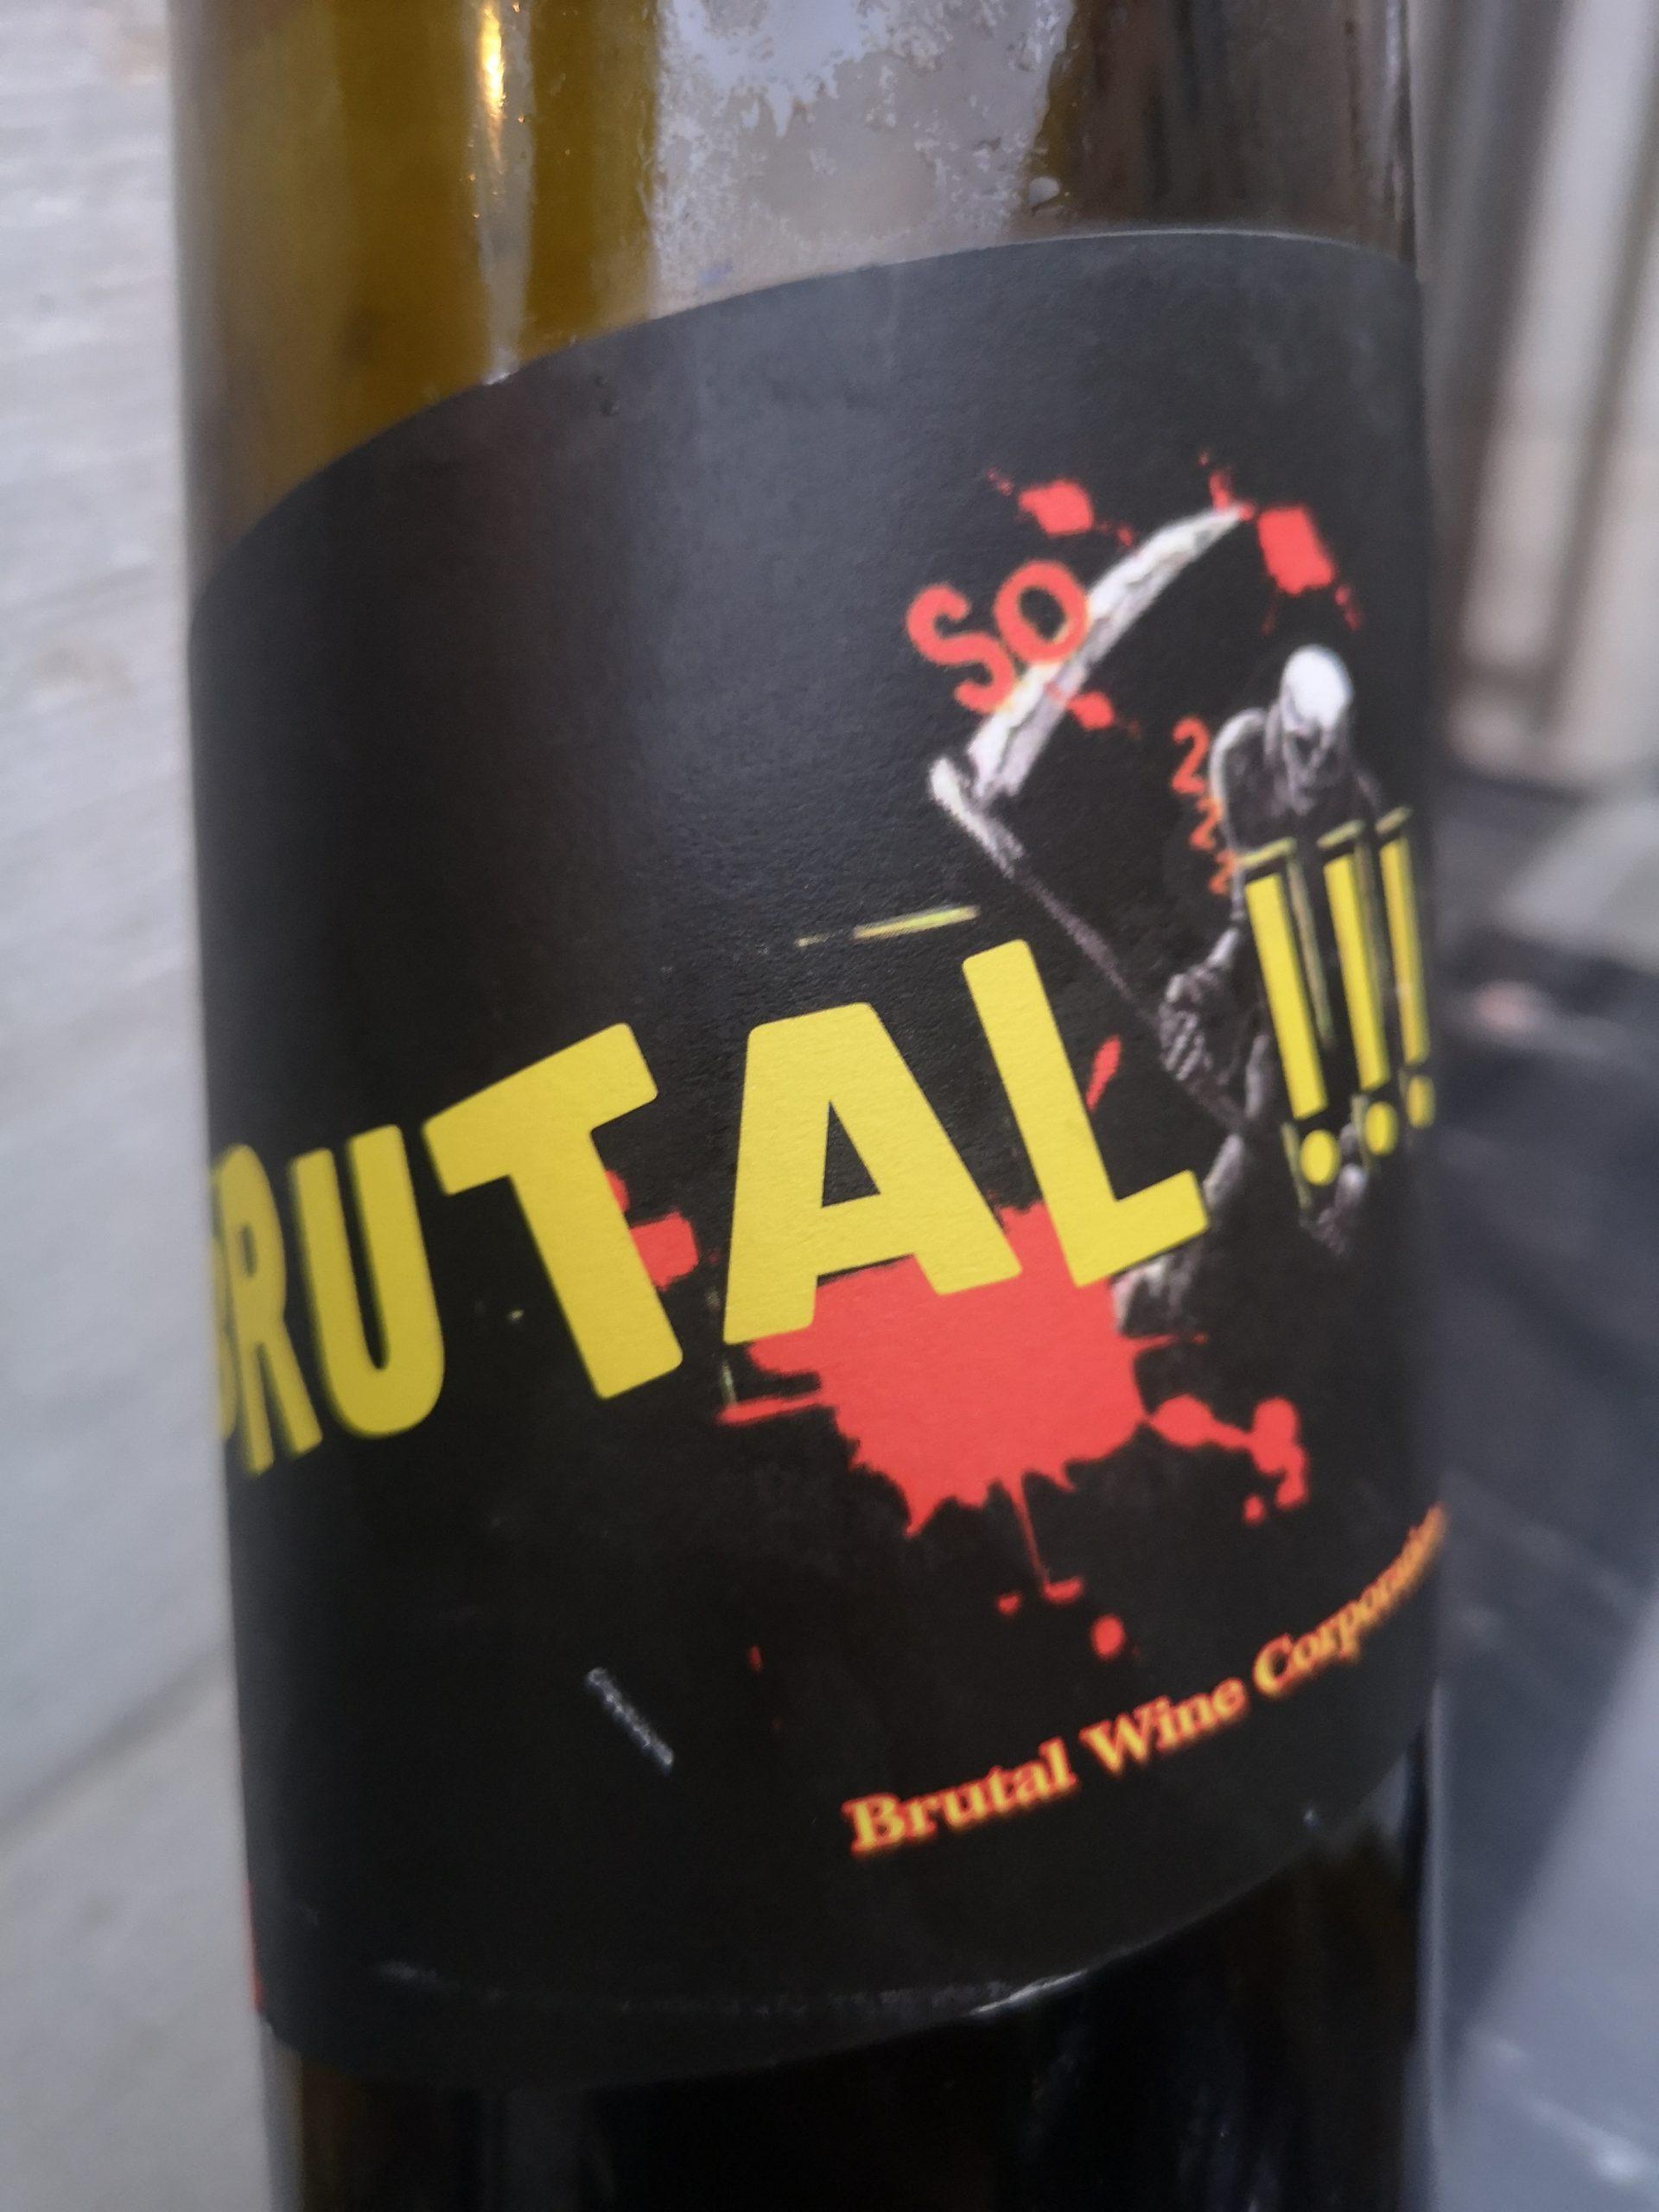 2018 Pinot Noir Brutal | Tschida